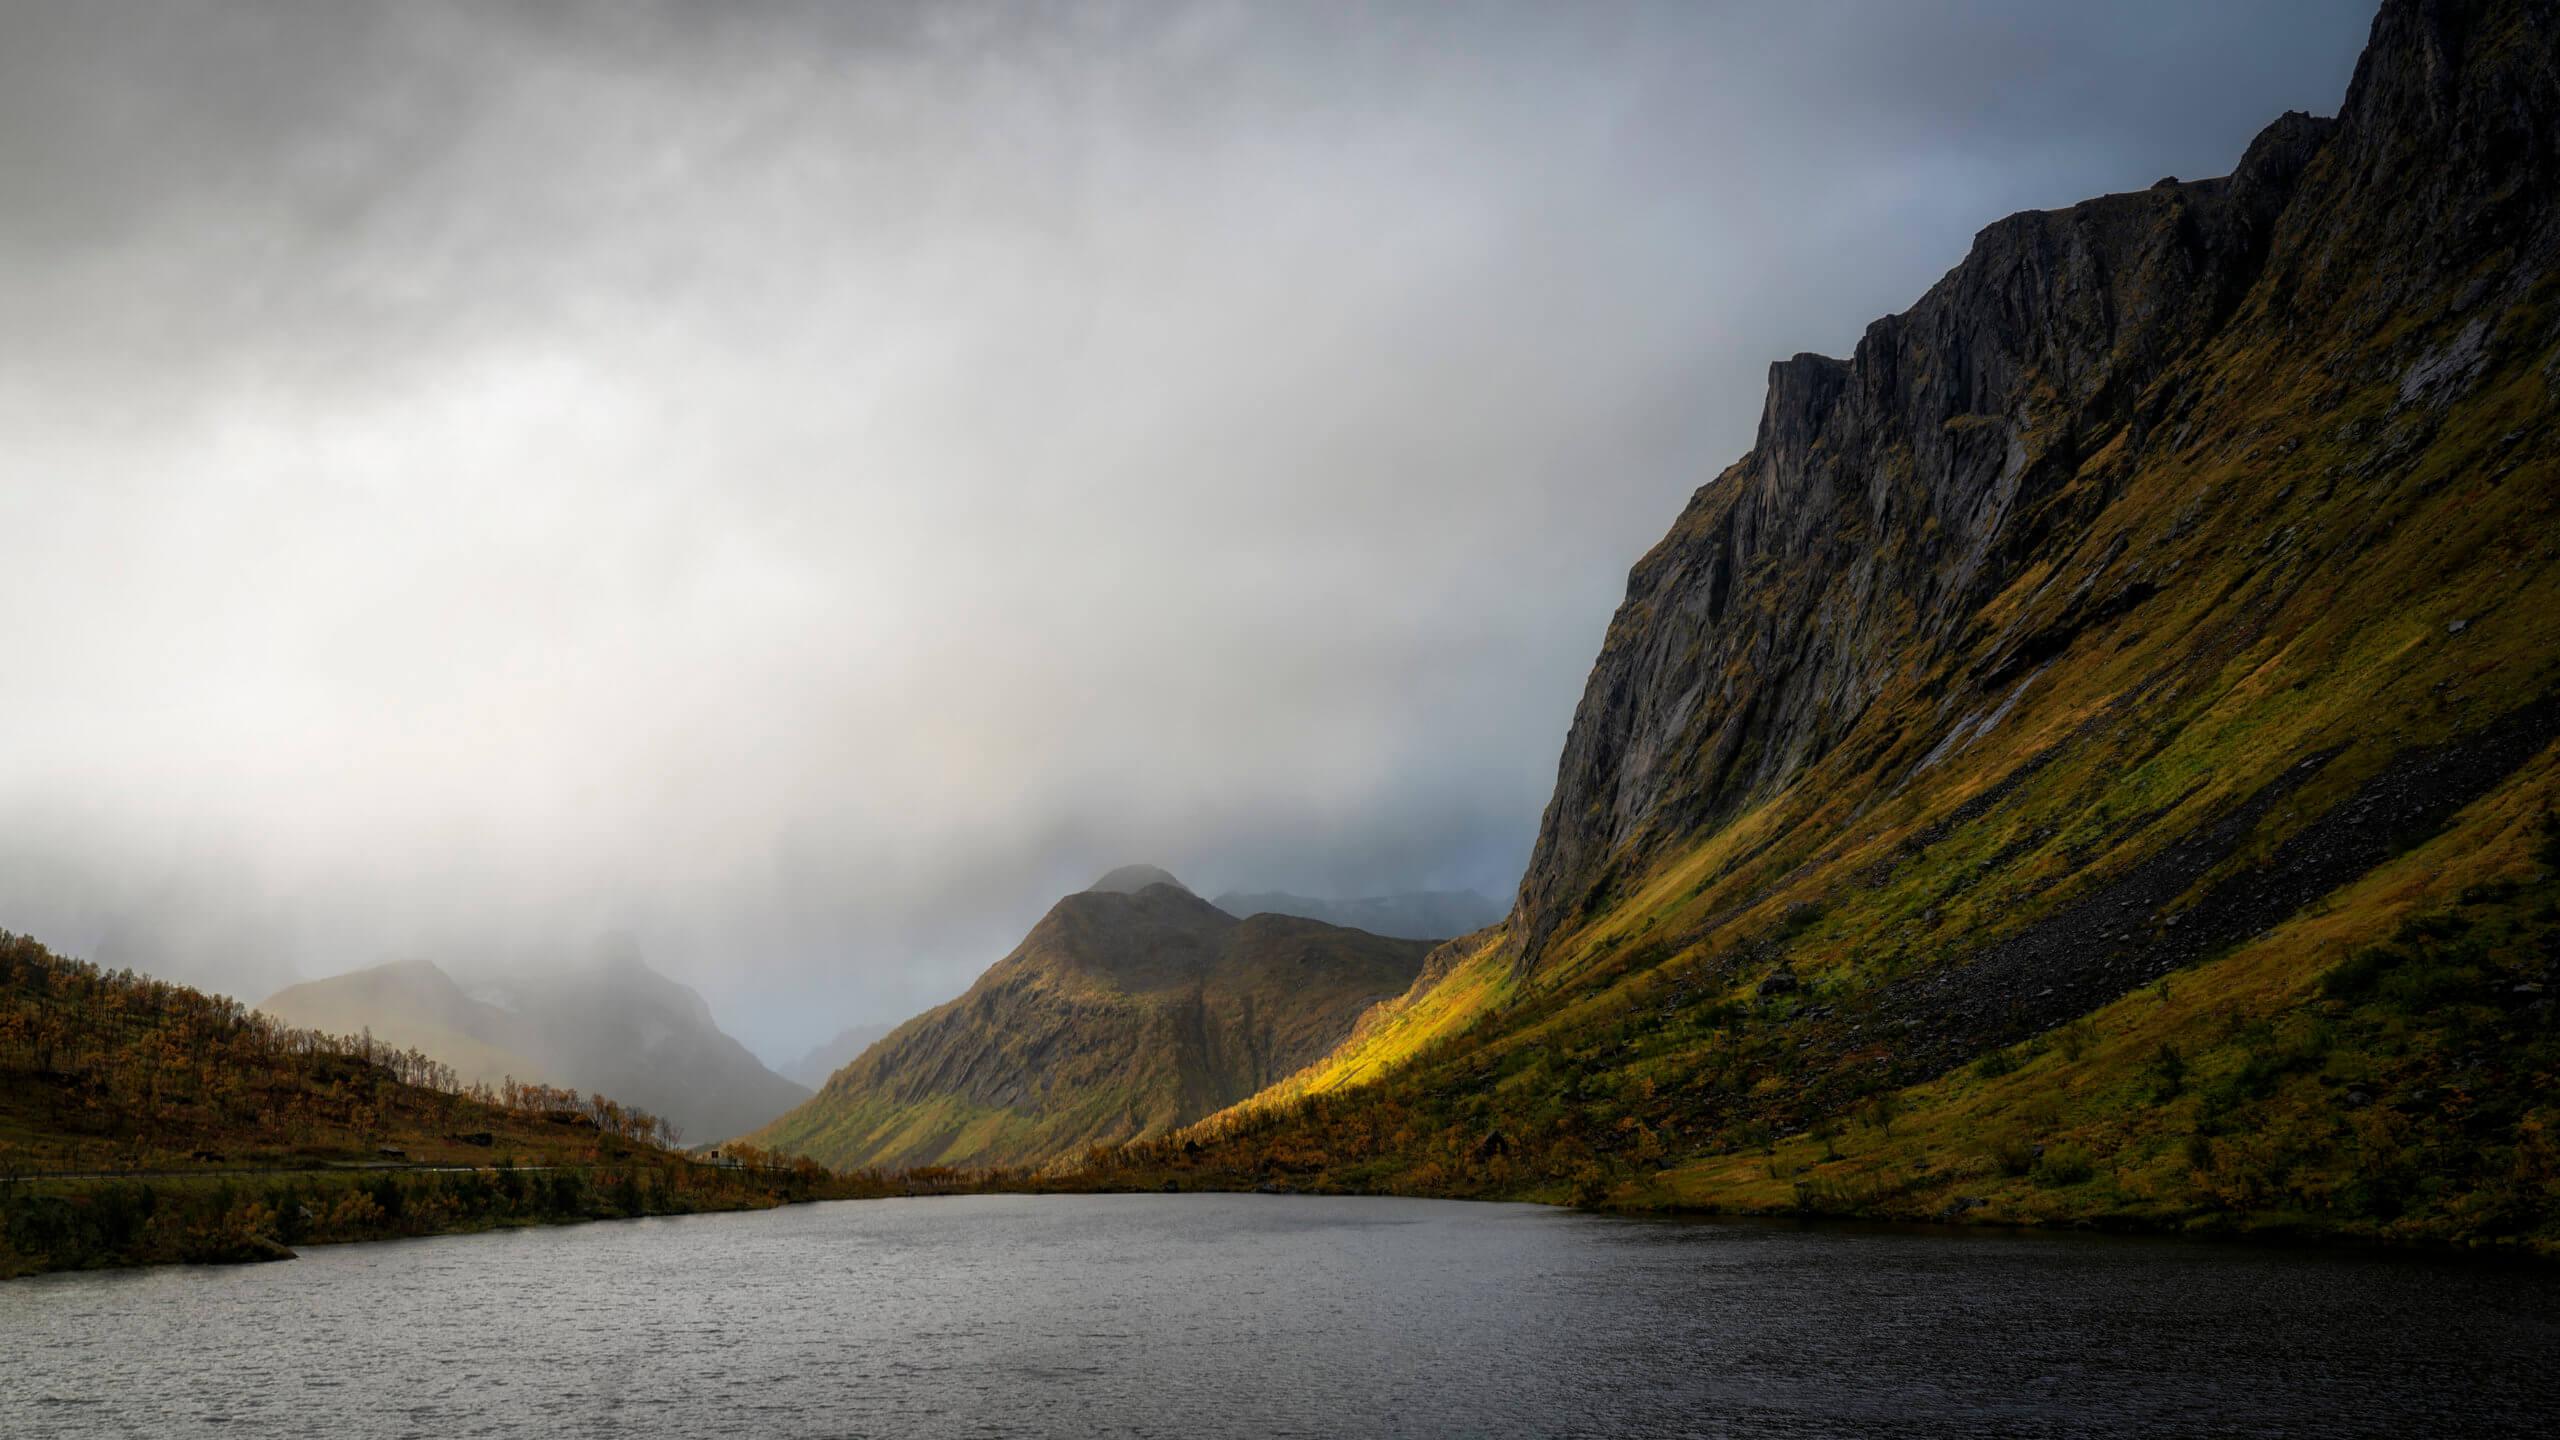 Mountains of Senja - Tungeneset - Joakim Jormelin